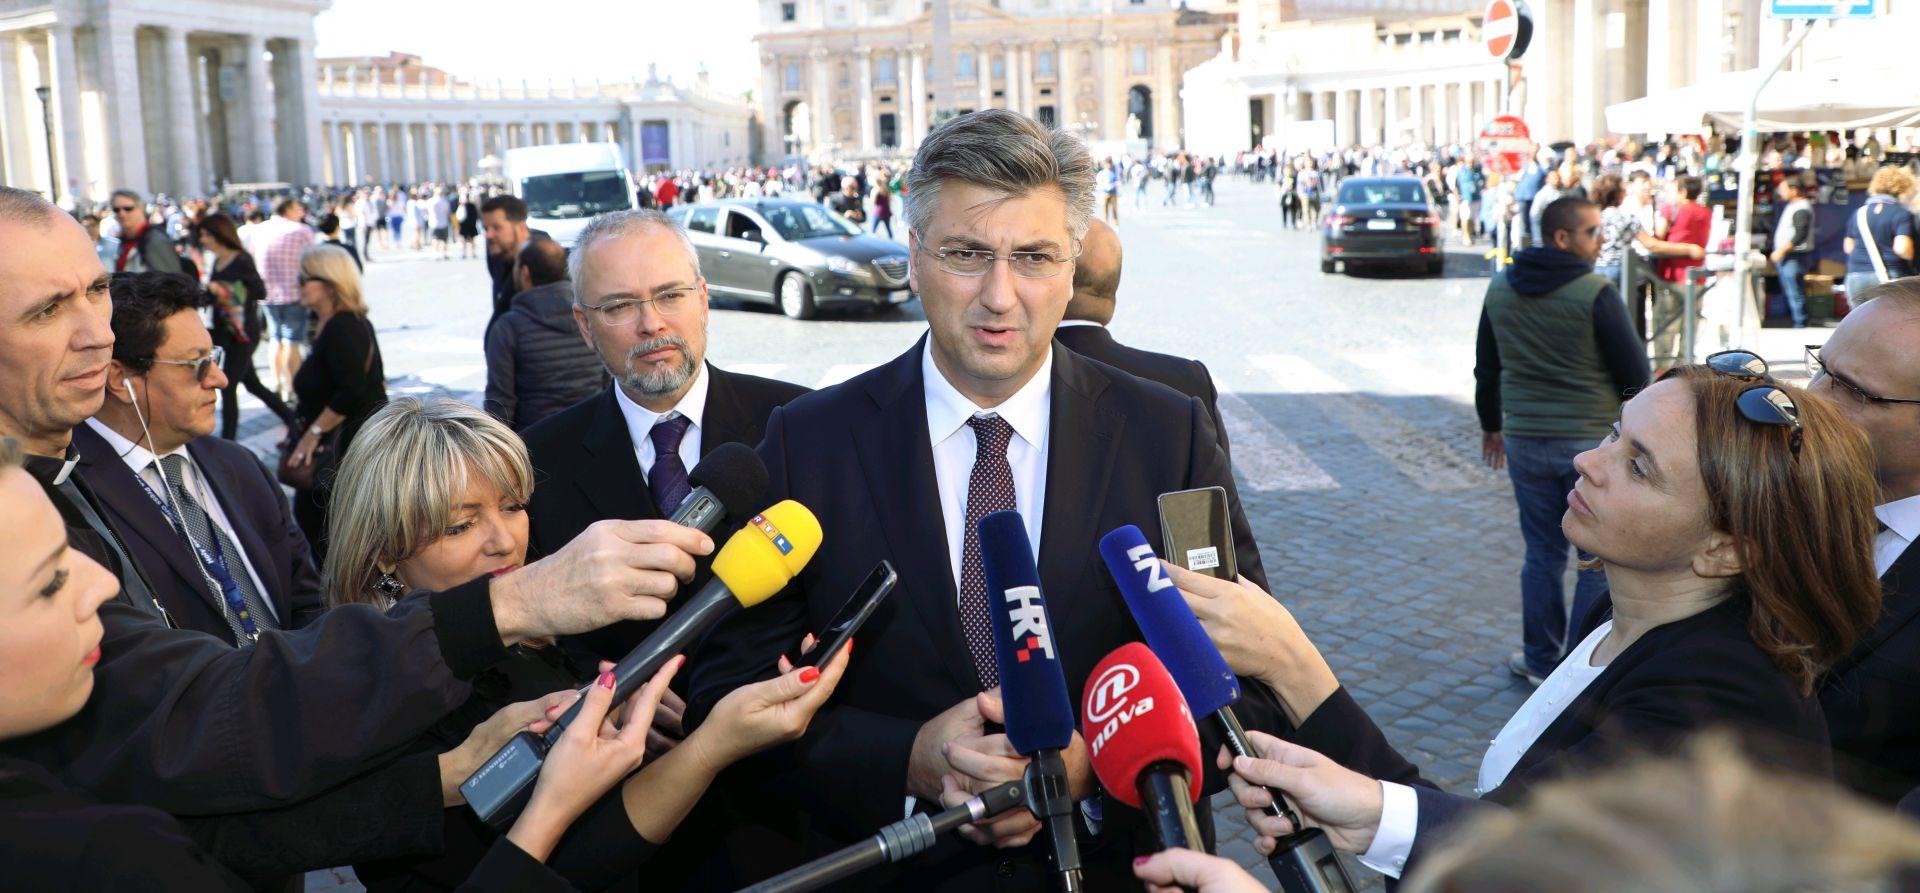 Čestitka premijera Plenkovića za Dan neovisnosti: '8. listopada 1991. zauvijek zapamćen u hrvatskoj povijesti'